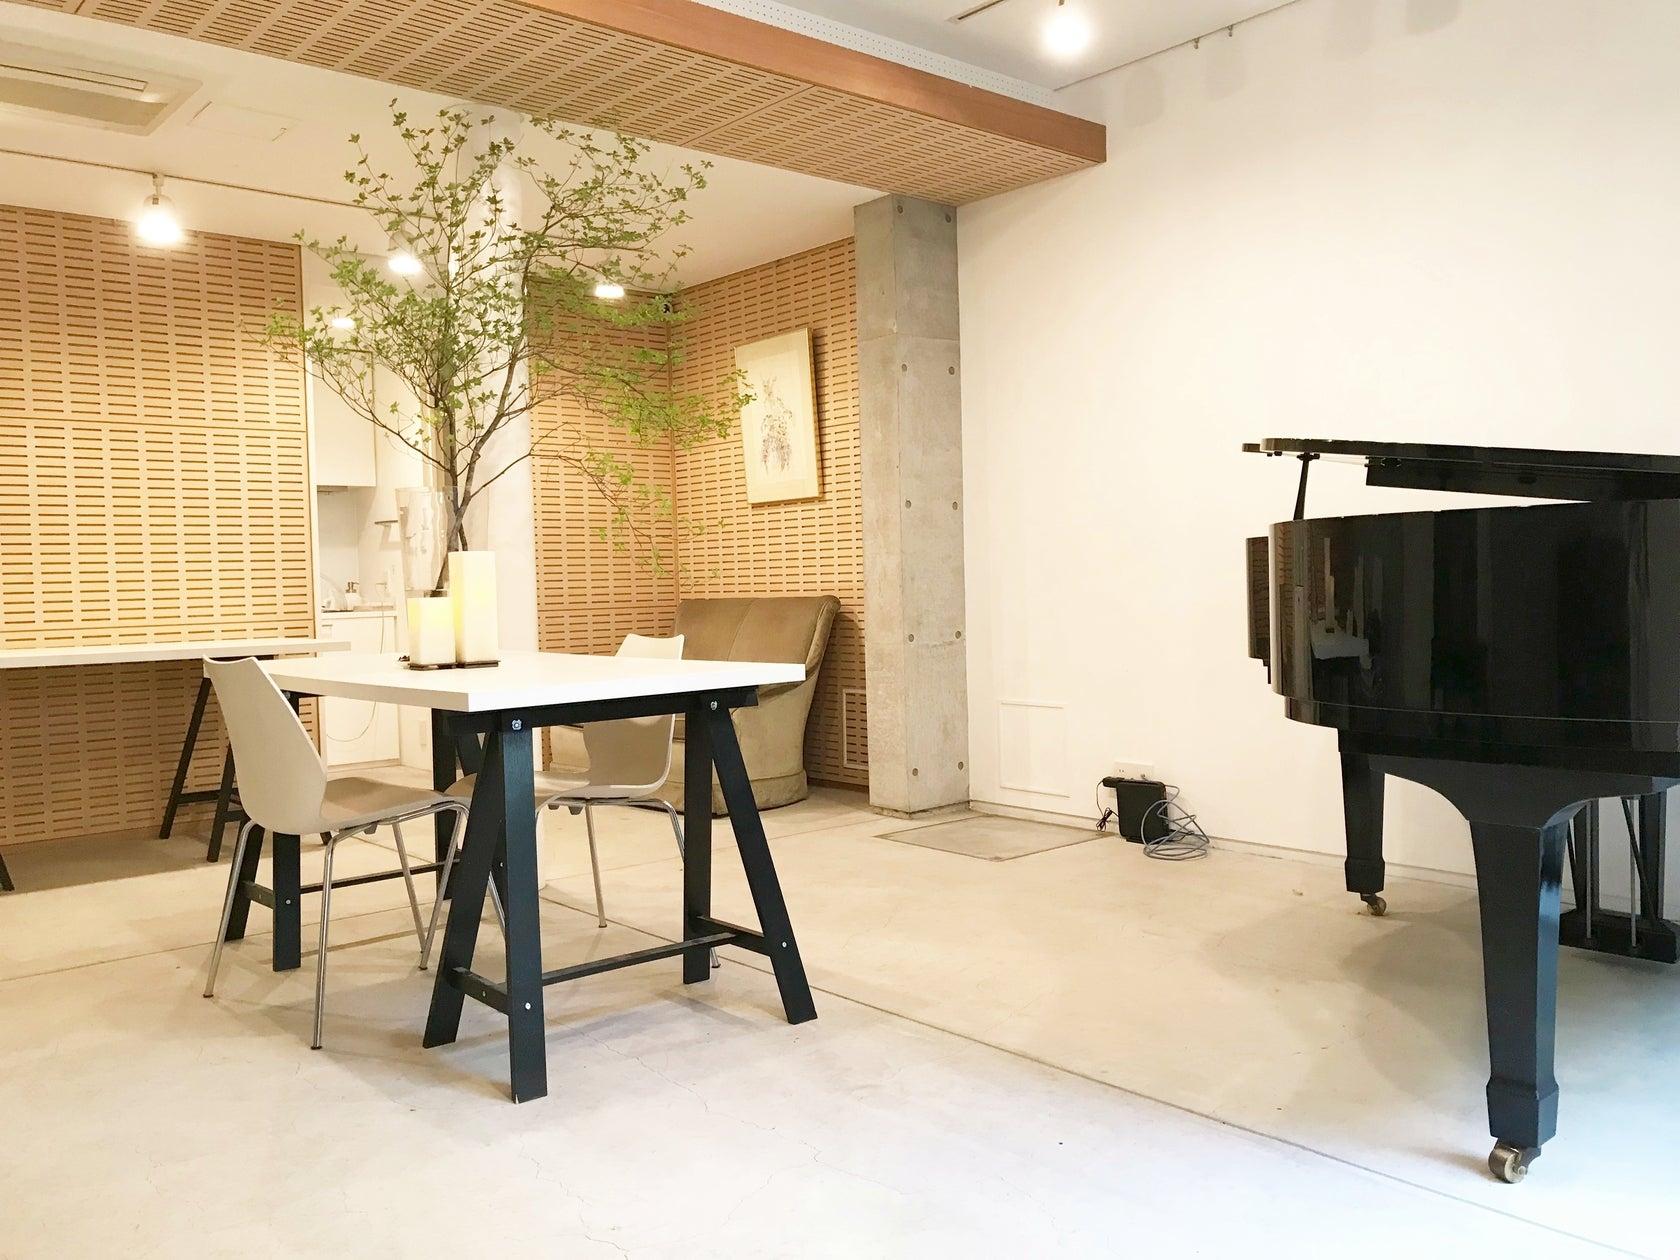 [代官山徒歩6分/駐車1台可]グランドピアノのある隠れ家的スペース。商用及び個人撮影・会議・楽器練習・女子会・子連れパーティー の写真